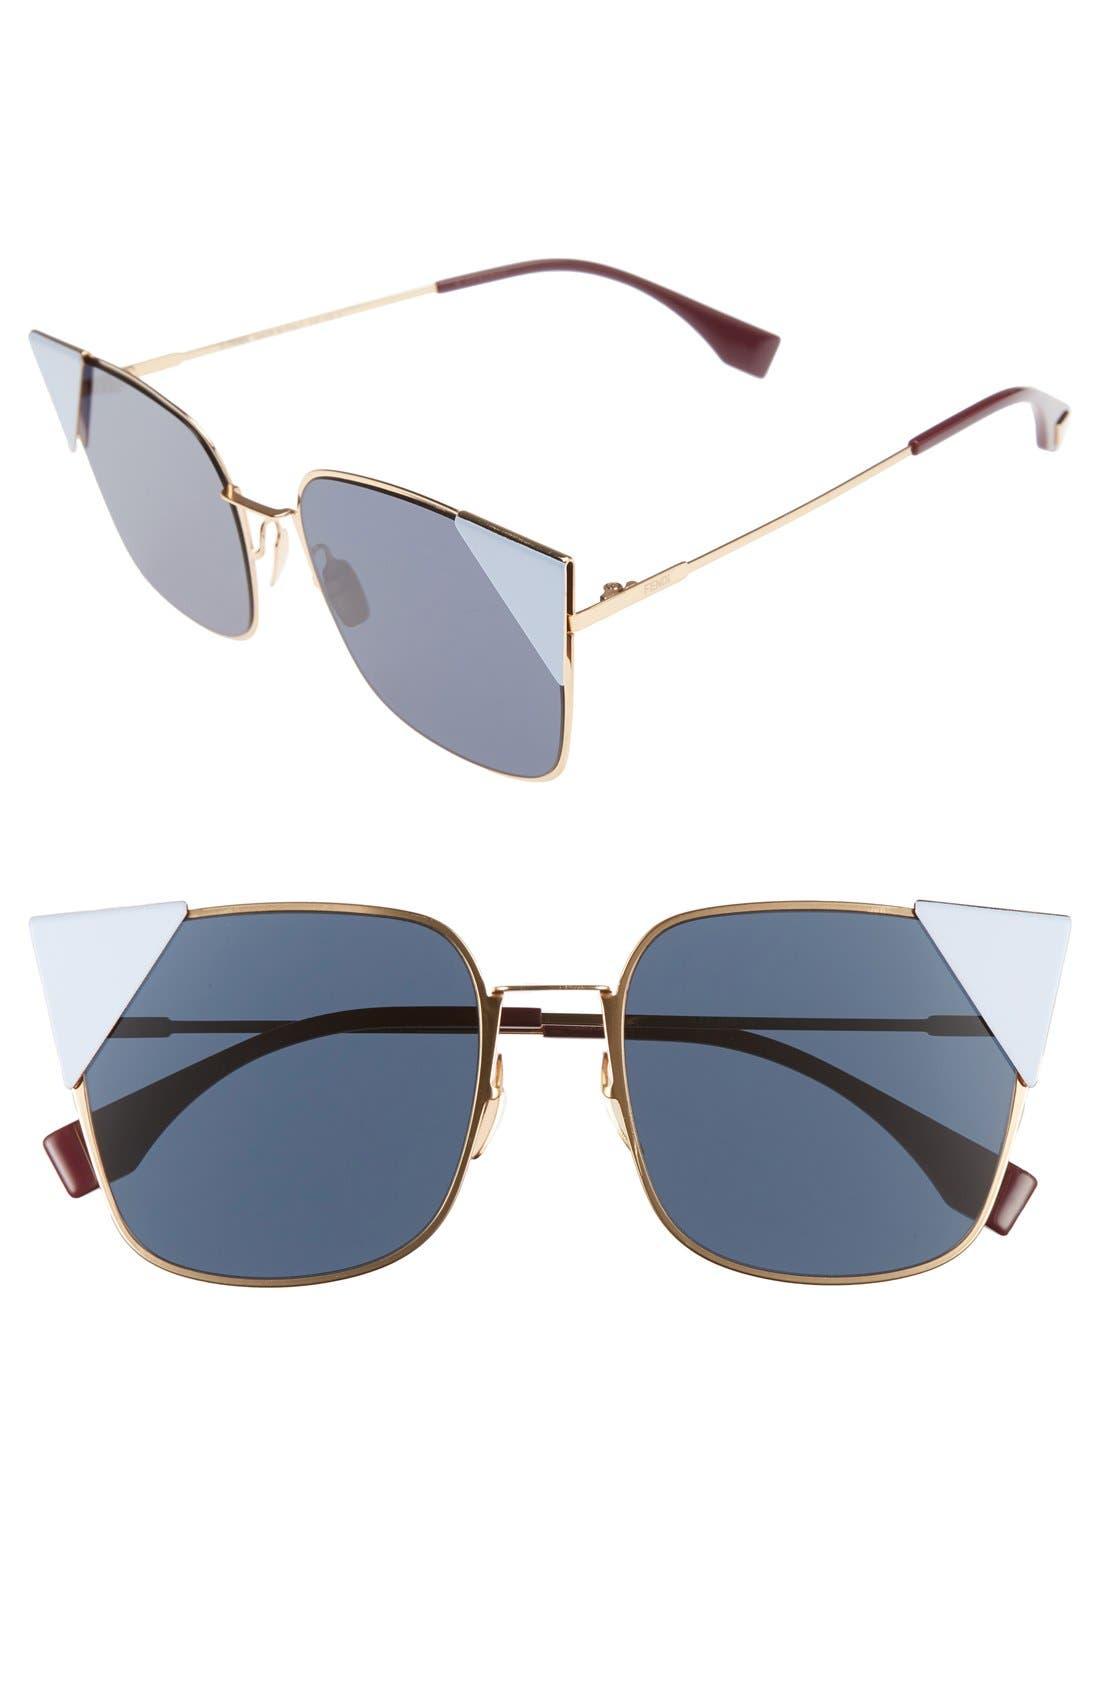 Fendi 55mm Tipped Cat Eye Sunglasses